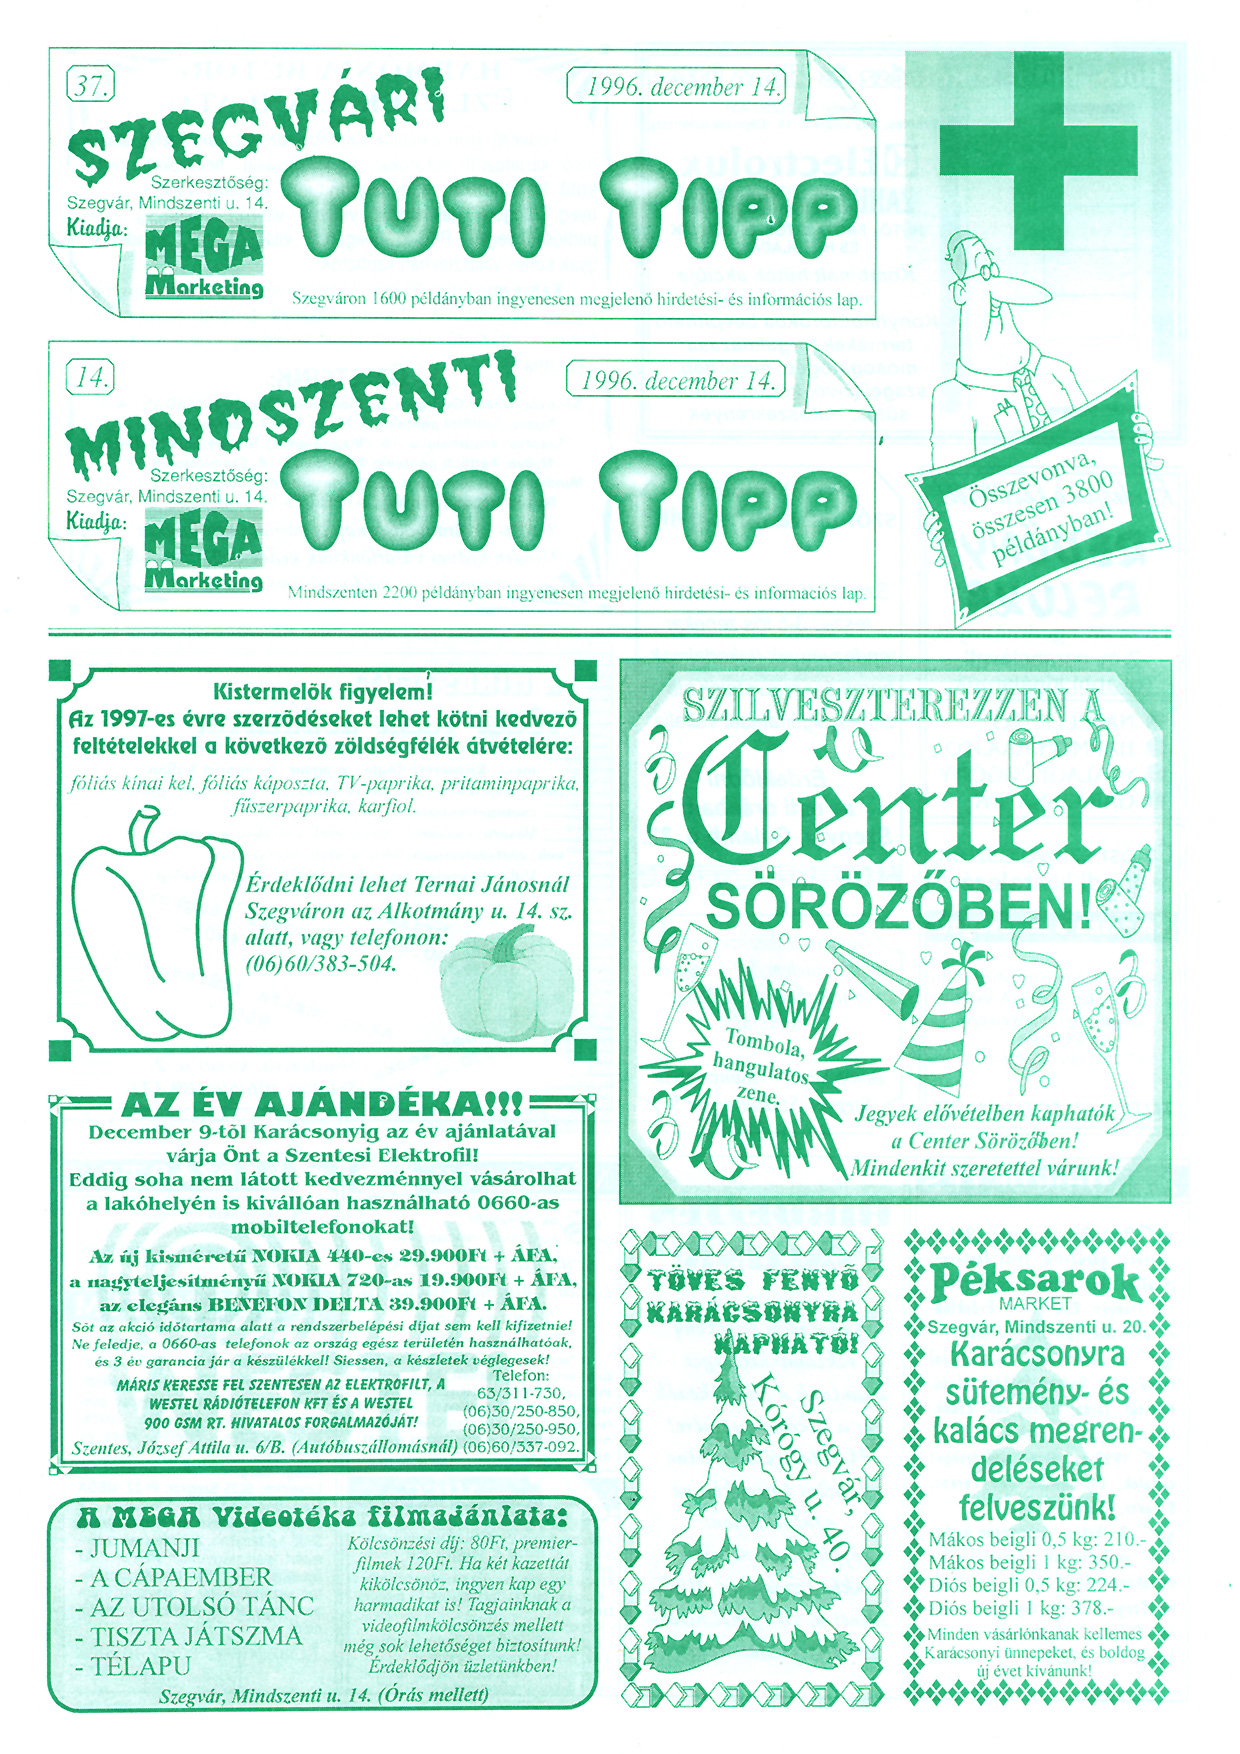 083 Szegvári és Mindszenti Tuti Tipp reklámújság - 19961214-037-014. lapszám - 1.oldal - II. évfolyam.jpg